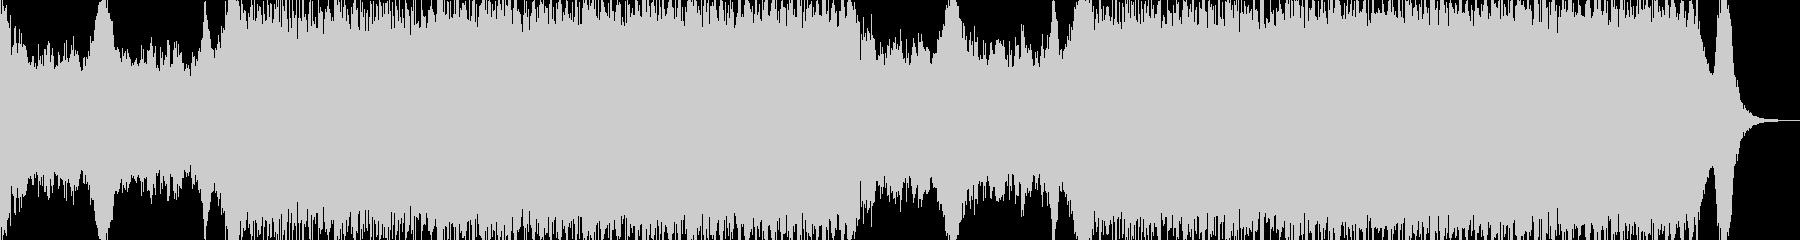 重厚な雰囲気のトレーラーオーケストラの未再生の波形